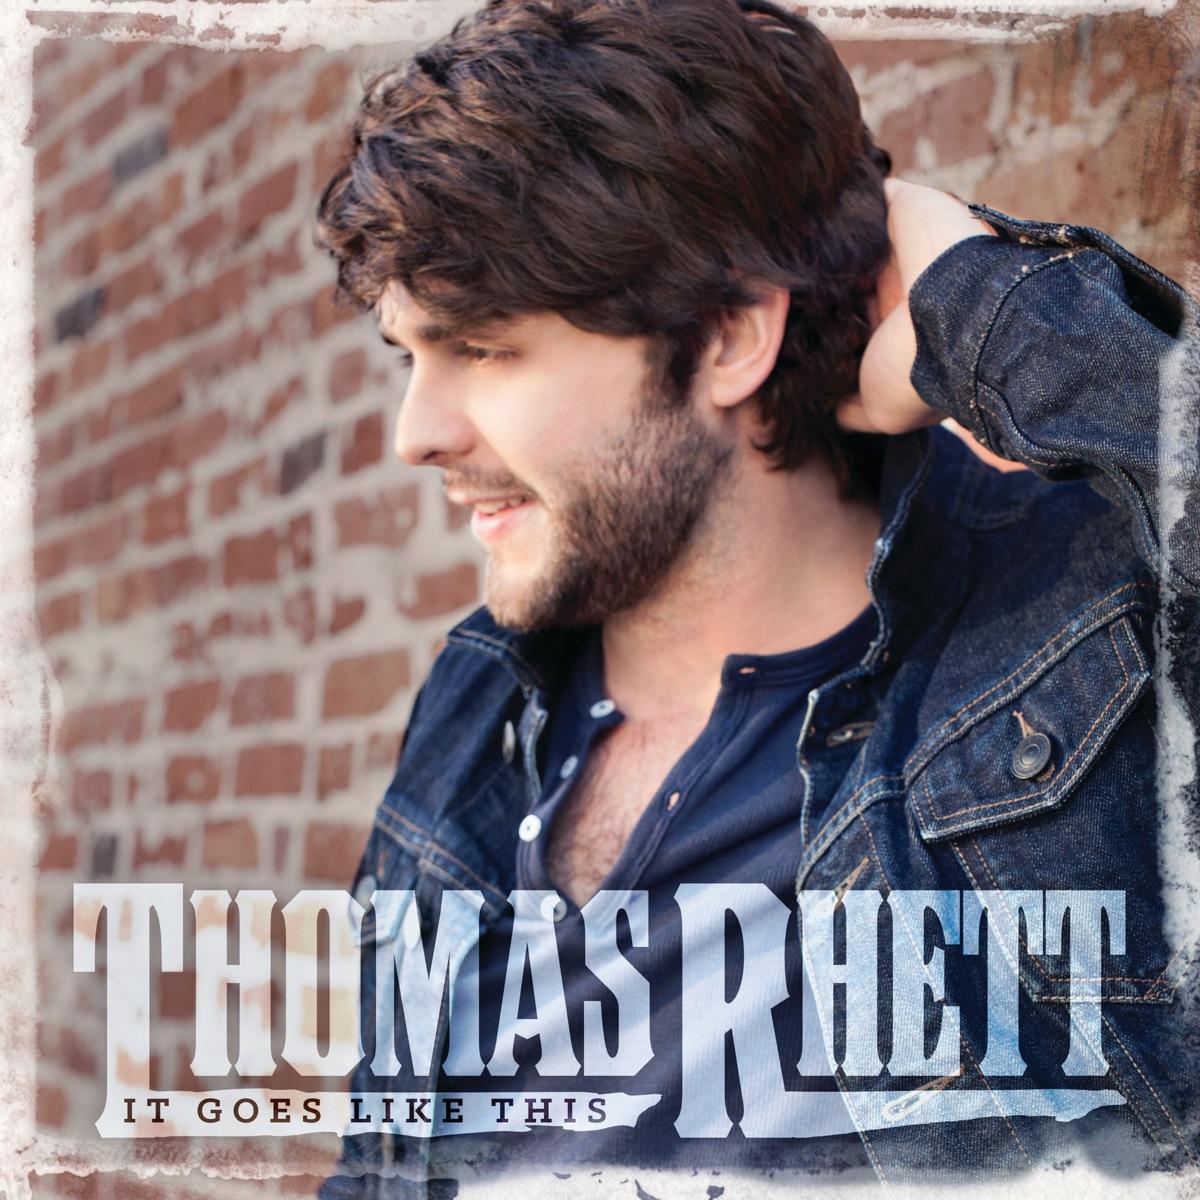 It Goes Like This Thomas Rhett CD cover